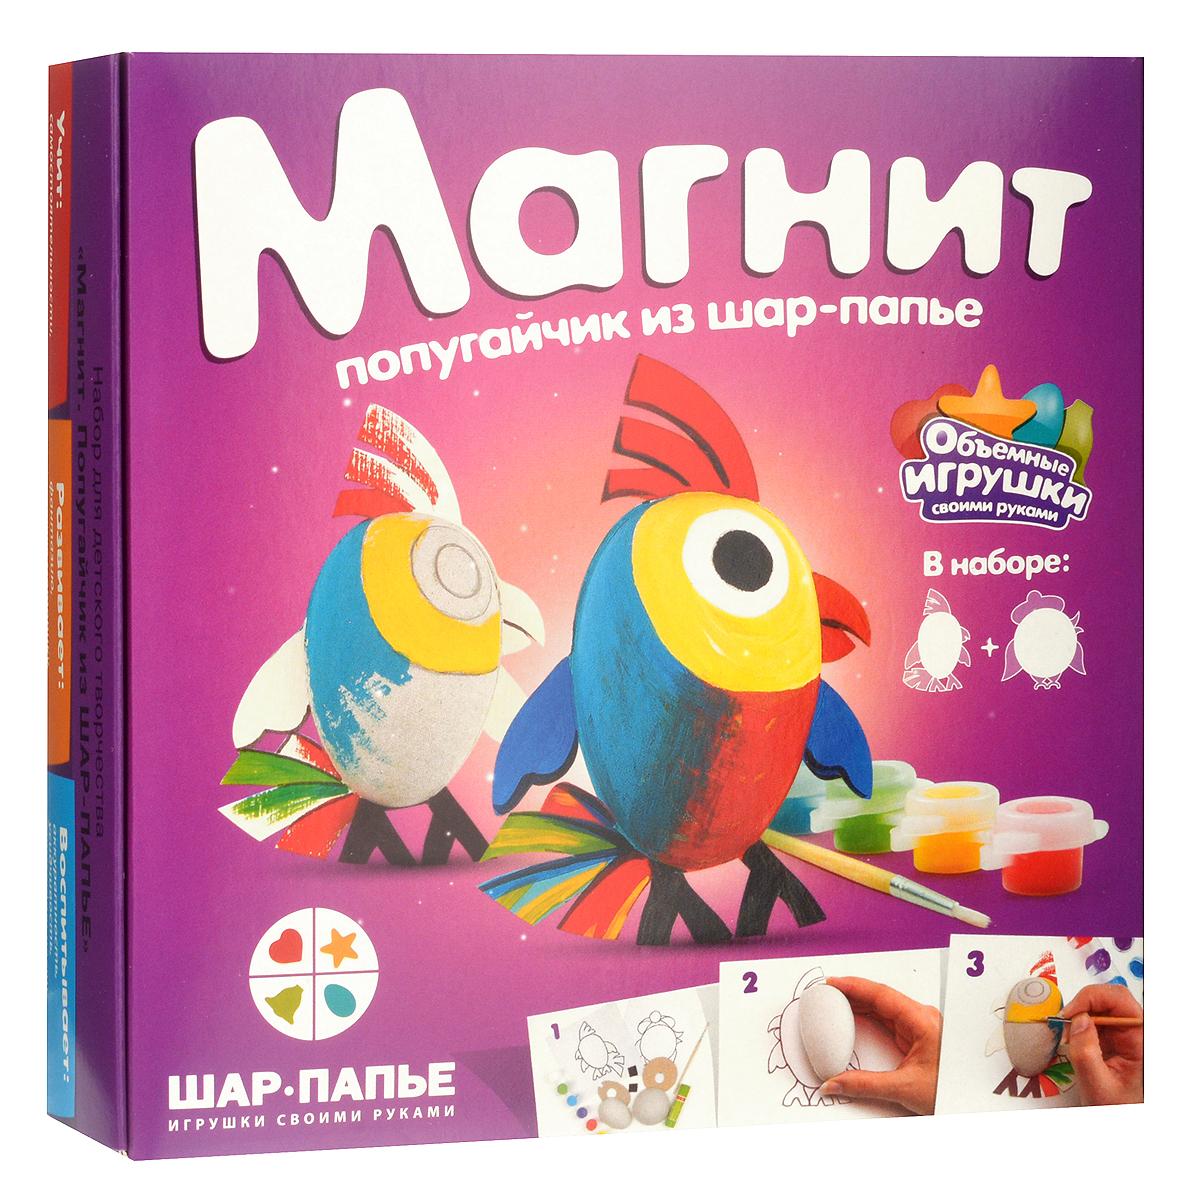 Набор для создания магнитов Шар-папье ПопугайчикВ01211Набор для создания магнитов Шар-папье Попугайчик непременно привлечет внимание вашего маленького художника. В набор входят 2 заготовки из прессованной бумажной массы для создания игрушек в виде попугайчиков, 2 картонных вставки, 2 листа с контуром, 2 самоклеющихся магнита, клей-карандаш, кисть, акриловые краски 6 цветов (белый, красный, желтый, синий, зеленый, фиолетовый) и пошаговая иллюстрированная инструкция на русском языке. Получившиеся игрушки ребенок сможет раскрасить и, приклеив к ним магниты, прикрепить к любой металлической поверхности. Подарите вашему ребенку возможность почувствовать себя настоящим художником!